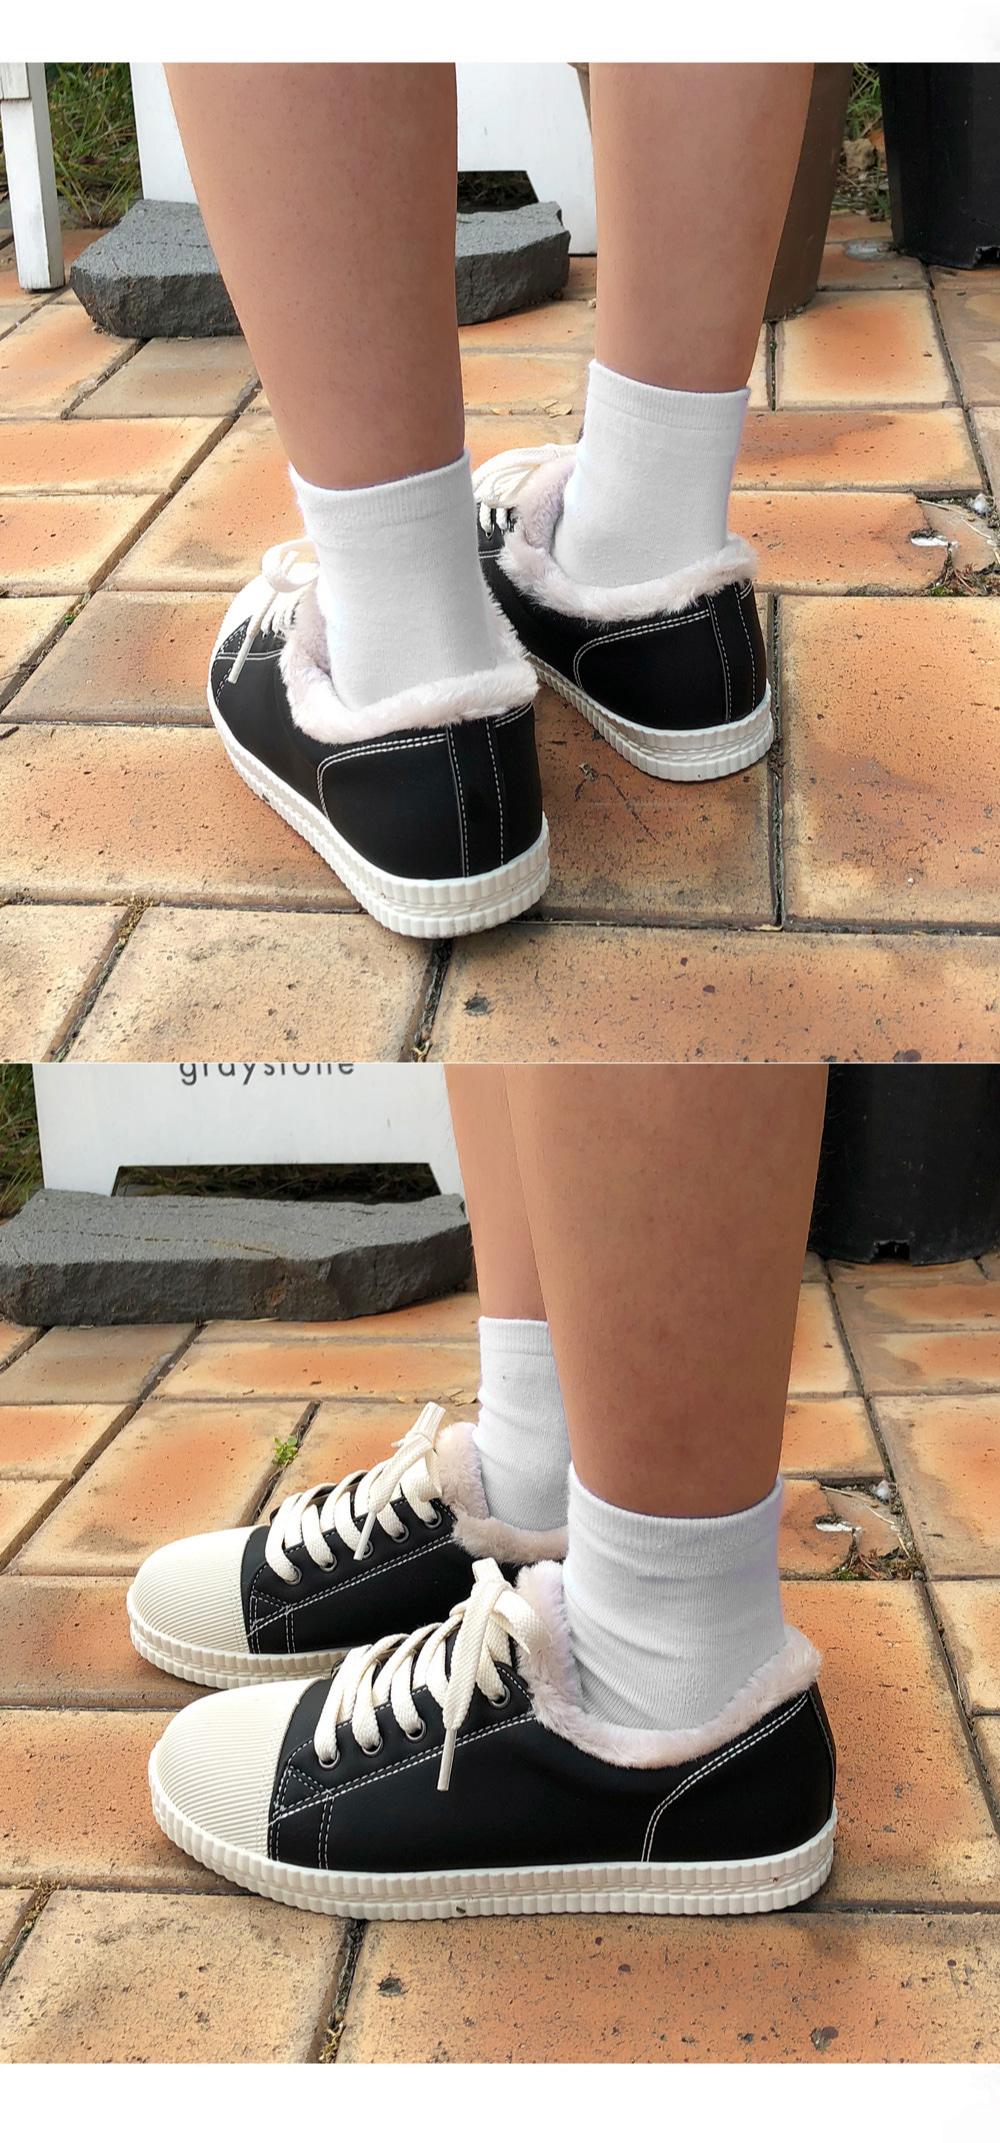 Taeking shoes